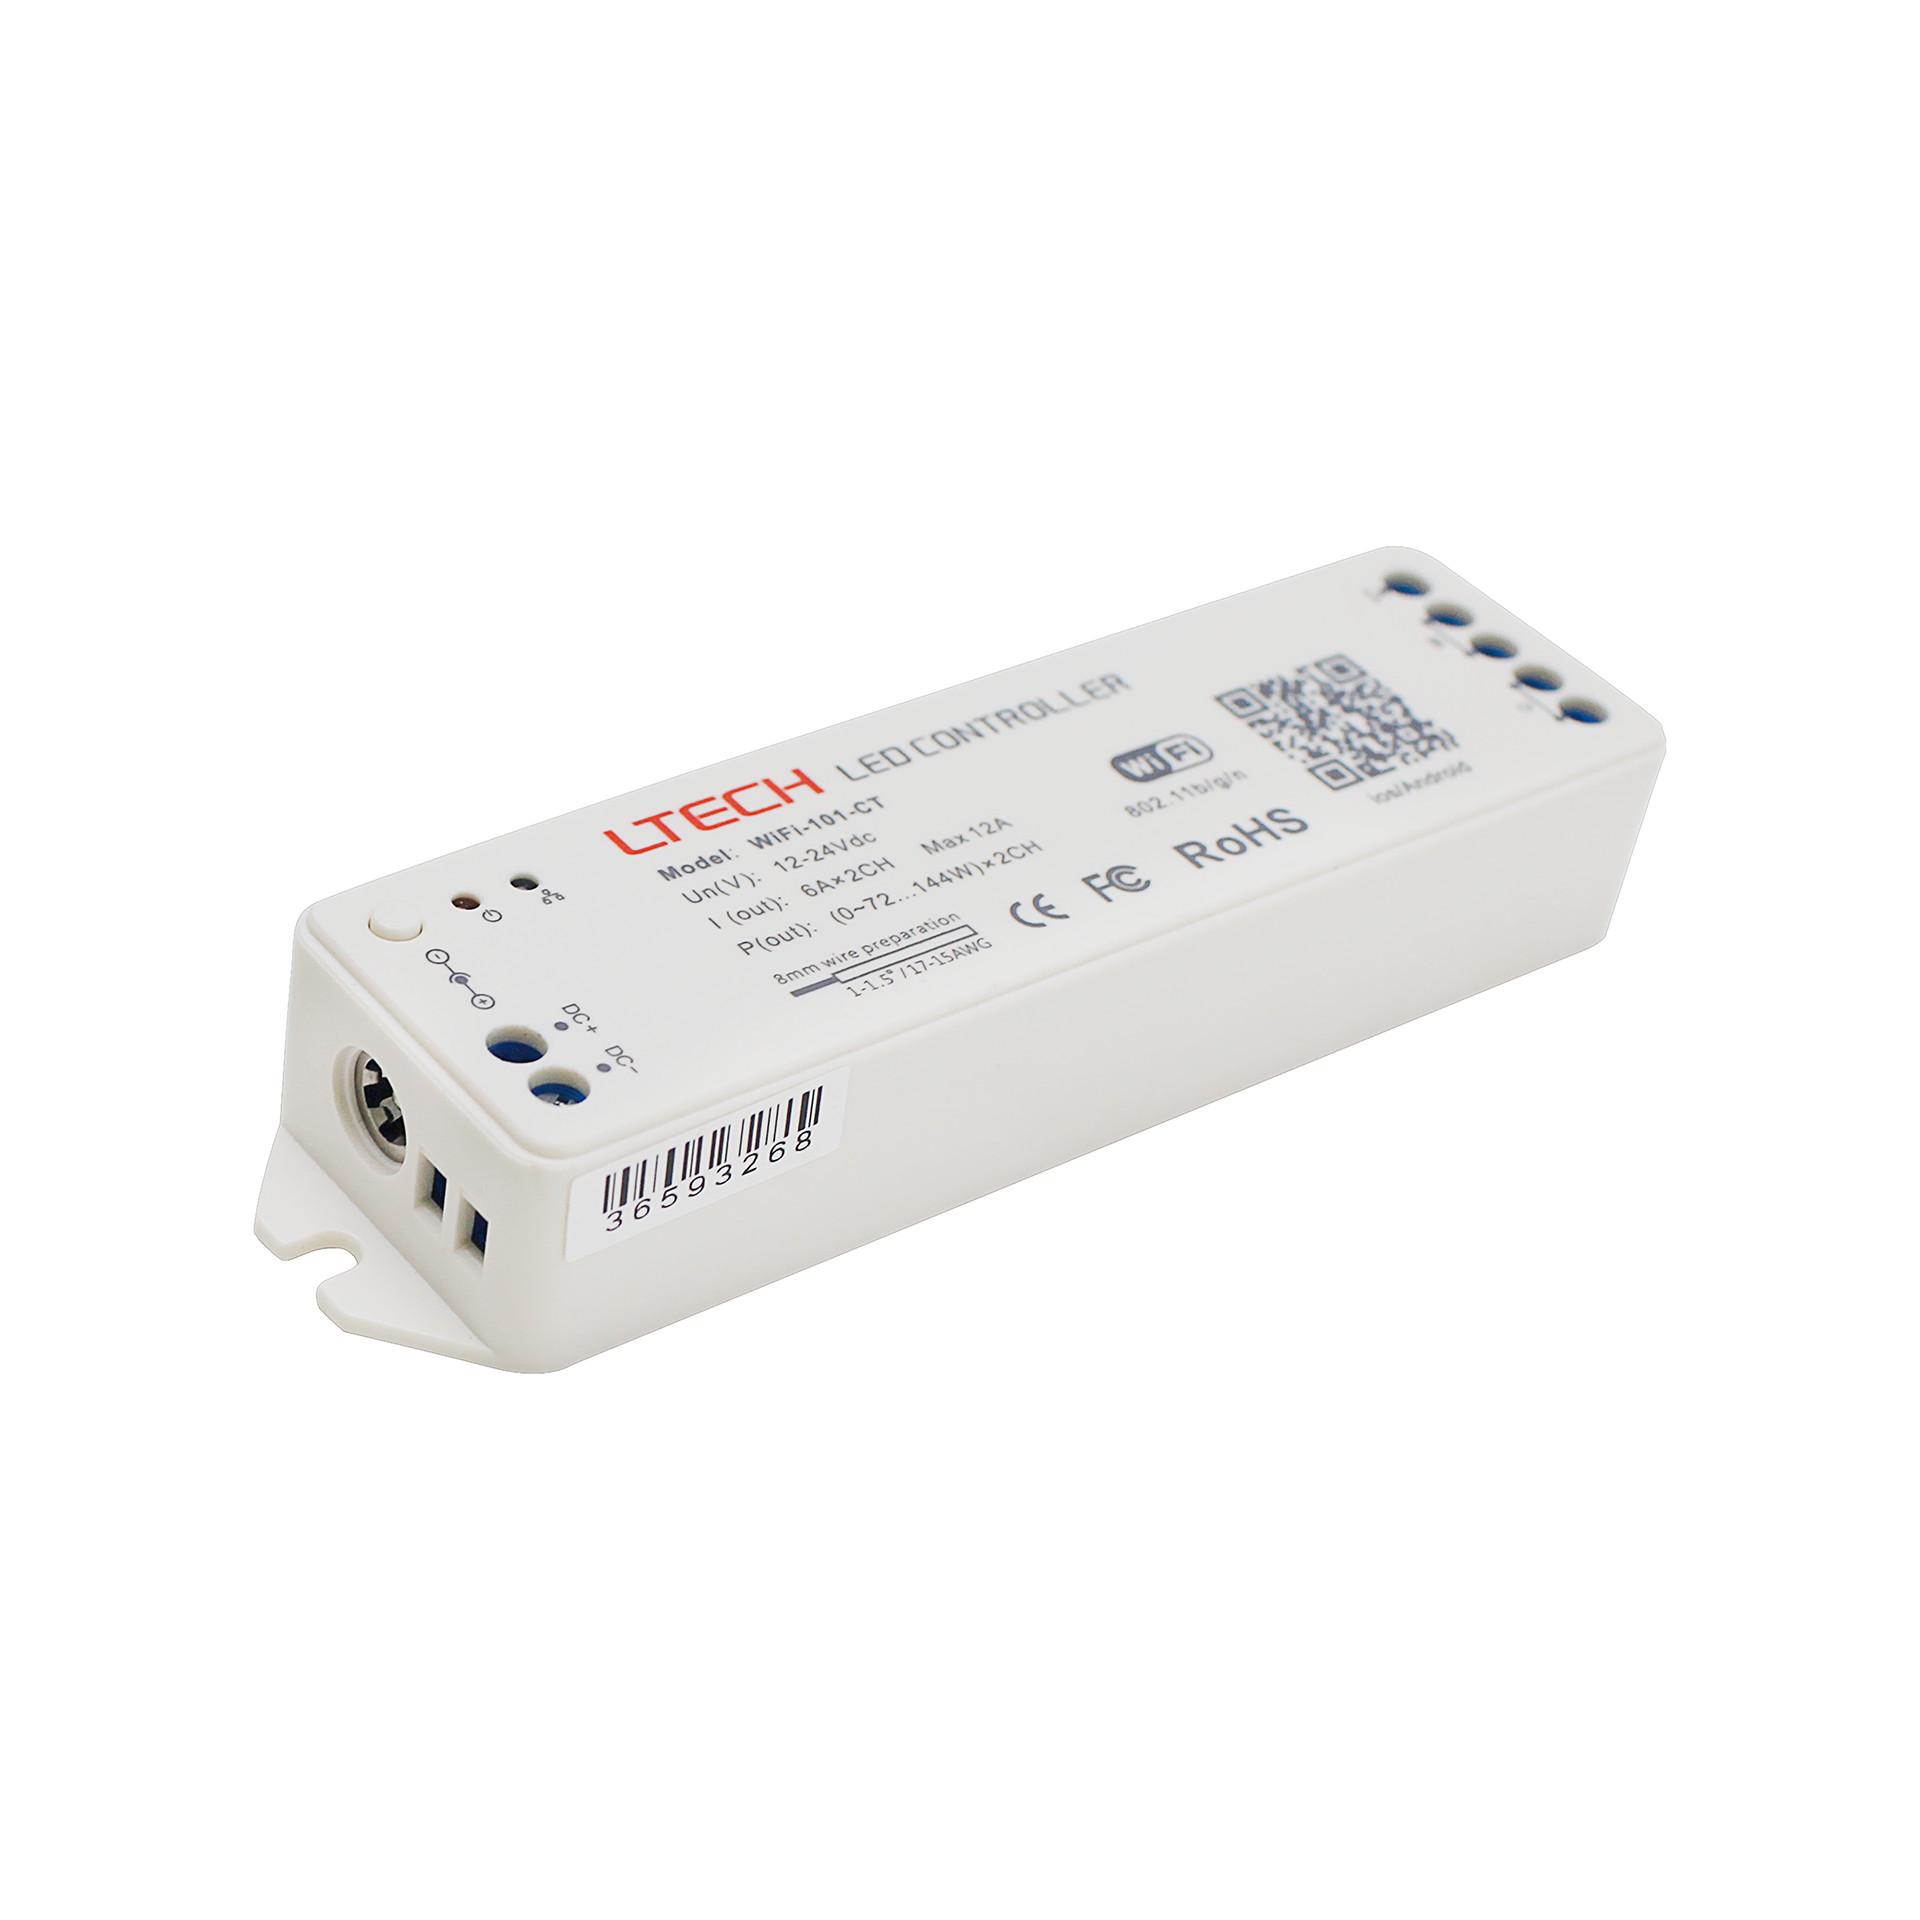 Bộ Điều Khiển Đèn Led Ltech Wifi-101-CT Điều Chỉnh Màu Sắc Ánh Sáng, LED Dimmer Controller - Hàng Nhập Khẩu